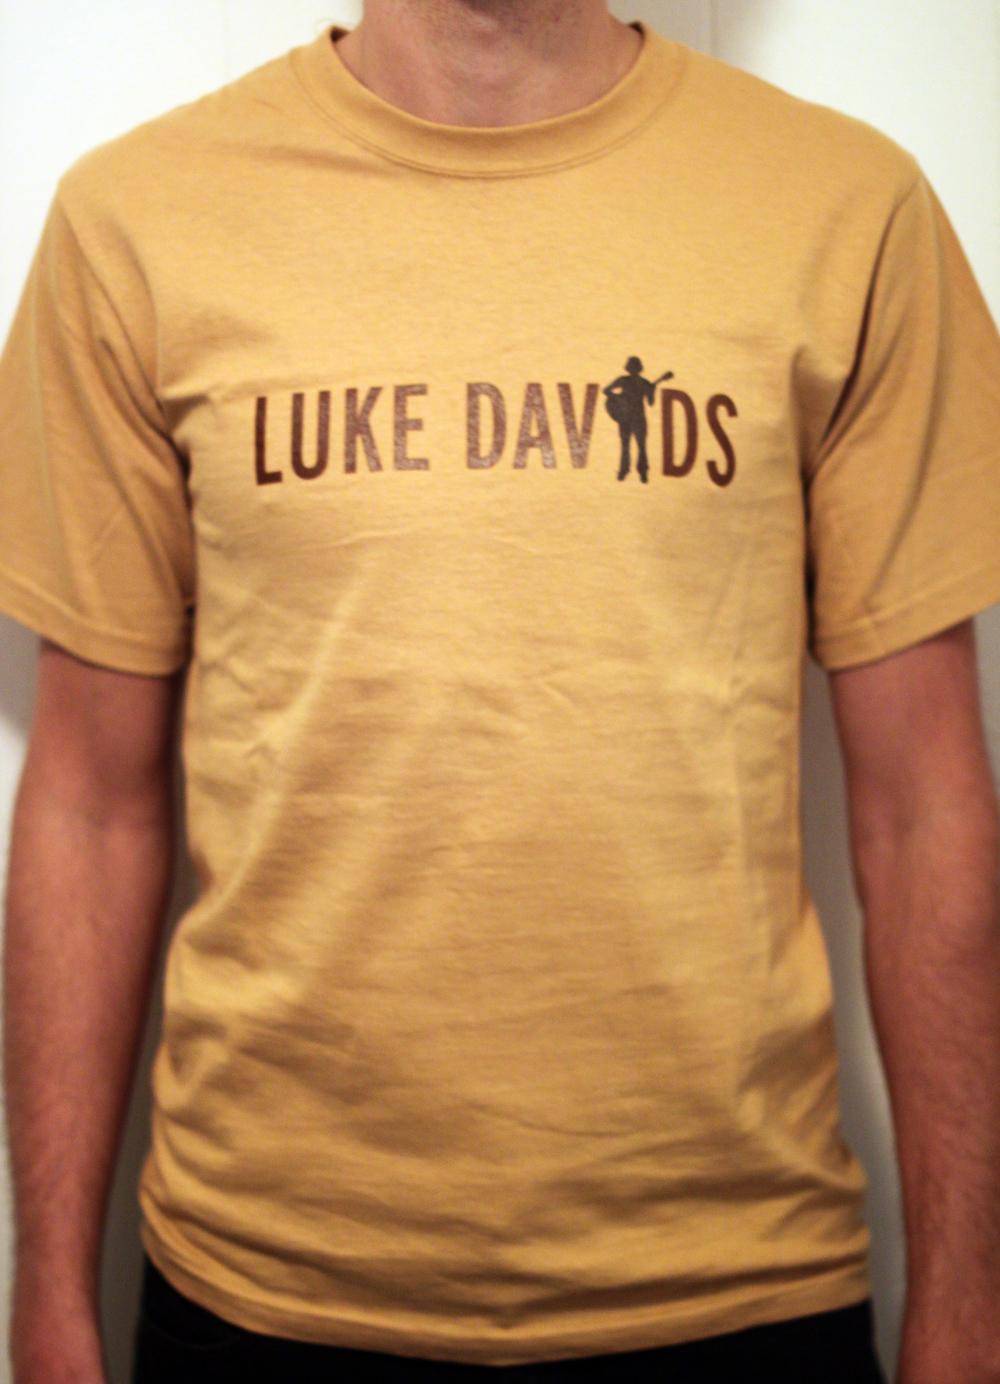 Luke Davids Tee Shirt Yellow